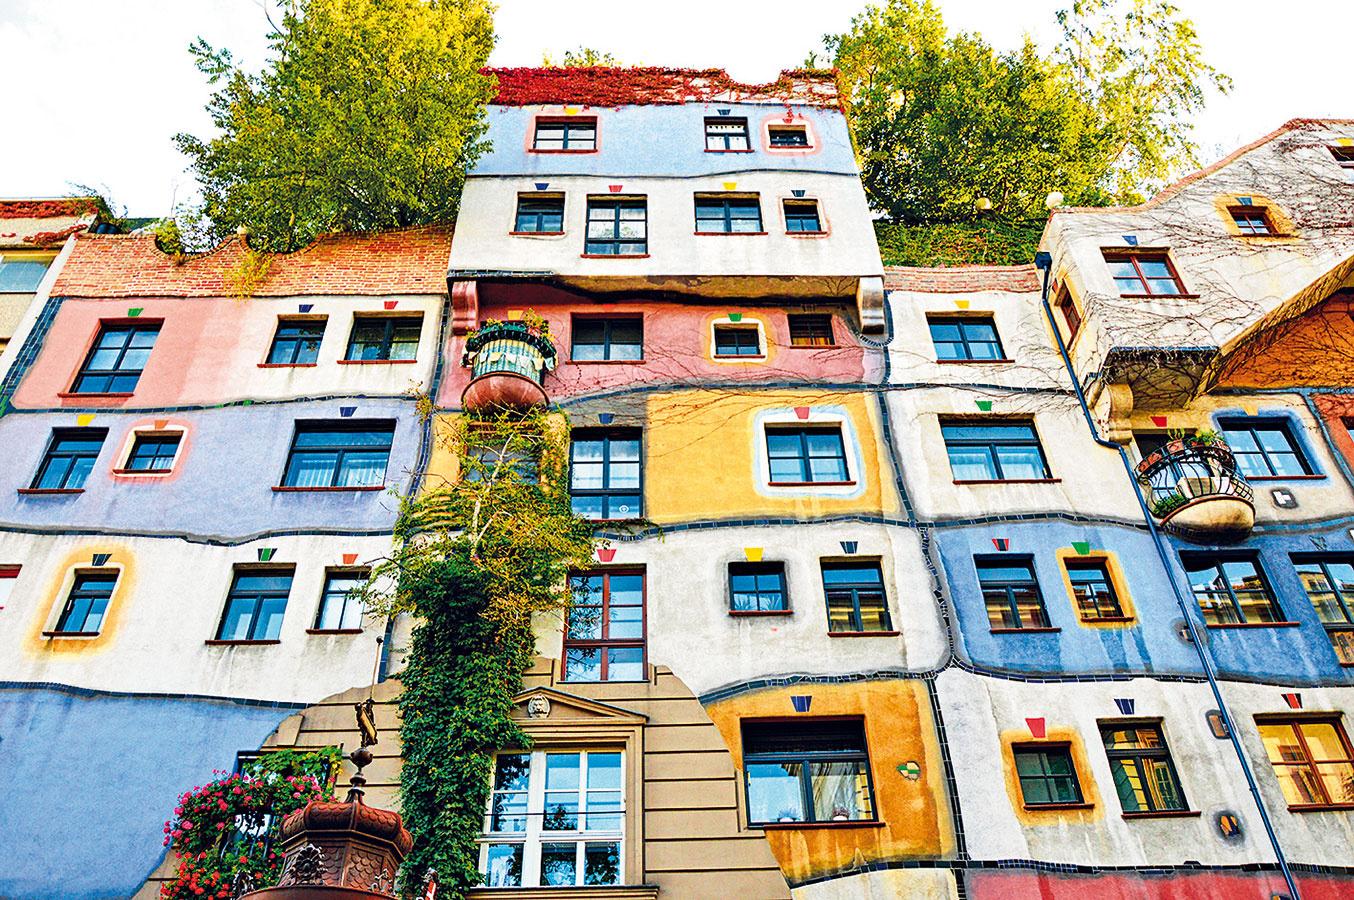 """""""Ulice astrechy majú byť zalesnené."""" Túto apodobné myšlienky propagoval tak trochu excentrický avšestranne nadaný umelec, zanietený ekológ aarchitekt Friedensreich Hundertwasser (1928 – 2000). Jeho najznámejšou stavbou je Hundertwasserhaus vo Viedni. Ikonická budova je skĺbením jeho svetonázorov aumeleckej tvorby – typické sú pre ňu chaotickosť, nerovné línie výrazná farebnosť (ako na jeho obrazoch). Nezaprel sa ani ako ekológ – už beztak pestrofarebnú fasádu oživuje najmä počas sezóny bujná zeleň stromov akrov."""